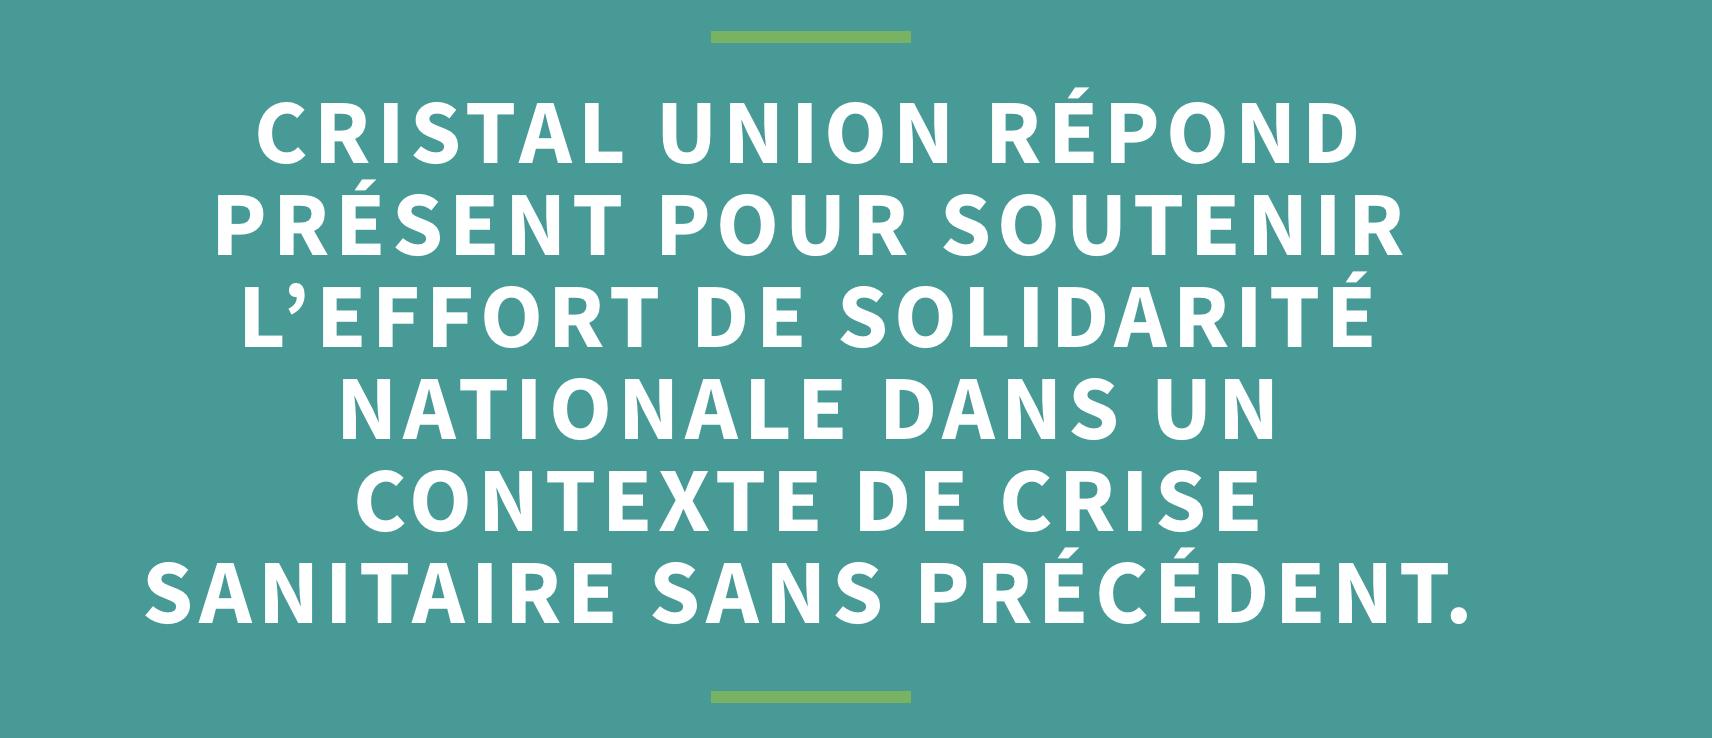 Capture d'écran 2020 03 29 à 10.33.41 - Cristal Union (Daddy) donne des masques à l'hôpital de Châlons en Champagne